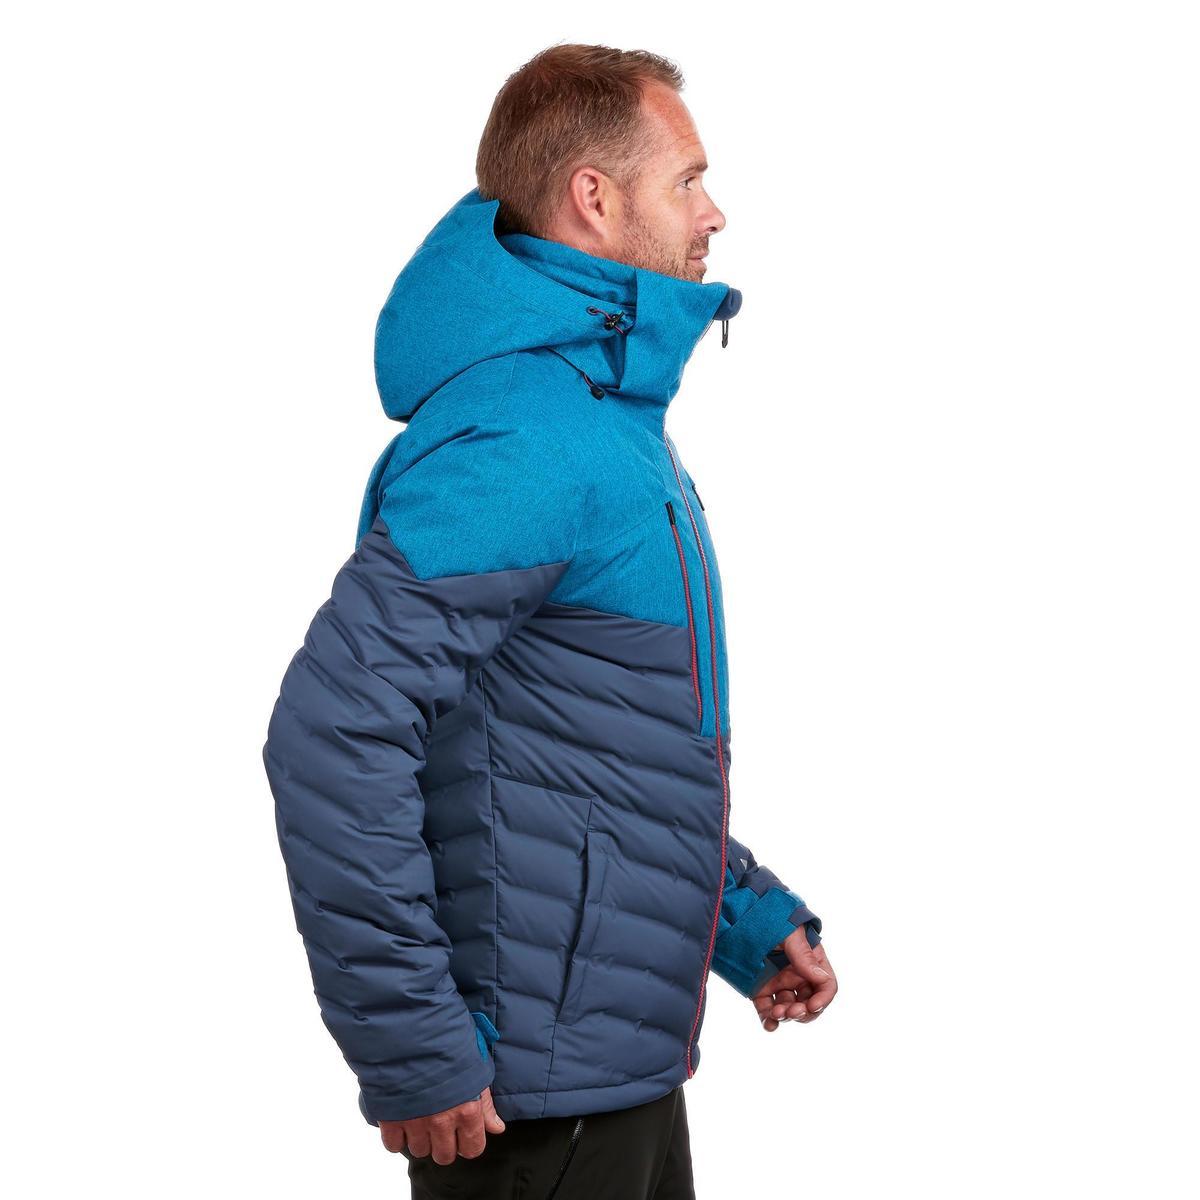 Bild 4 von Skijacke Piste 900 Warm Herren marineblau